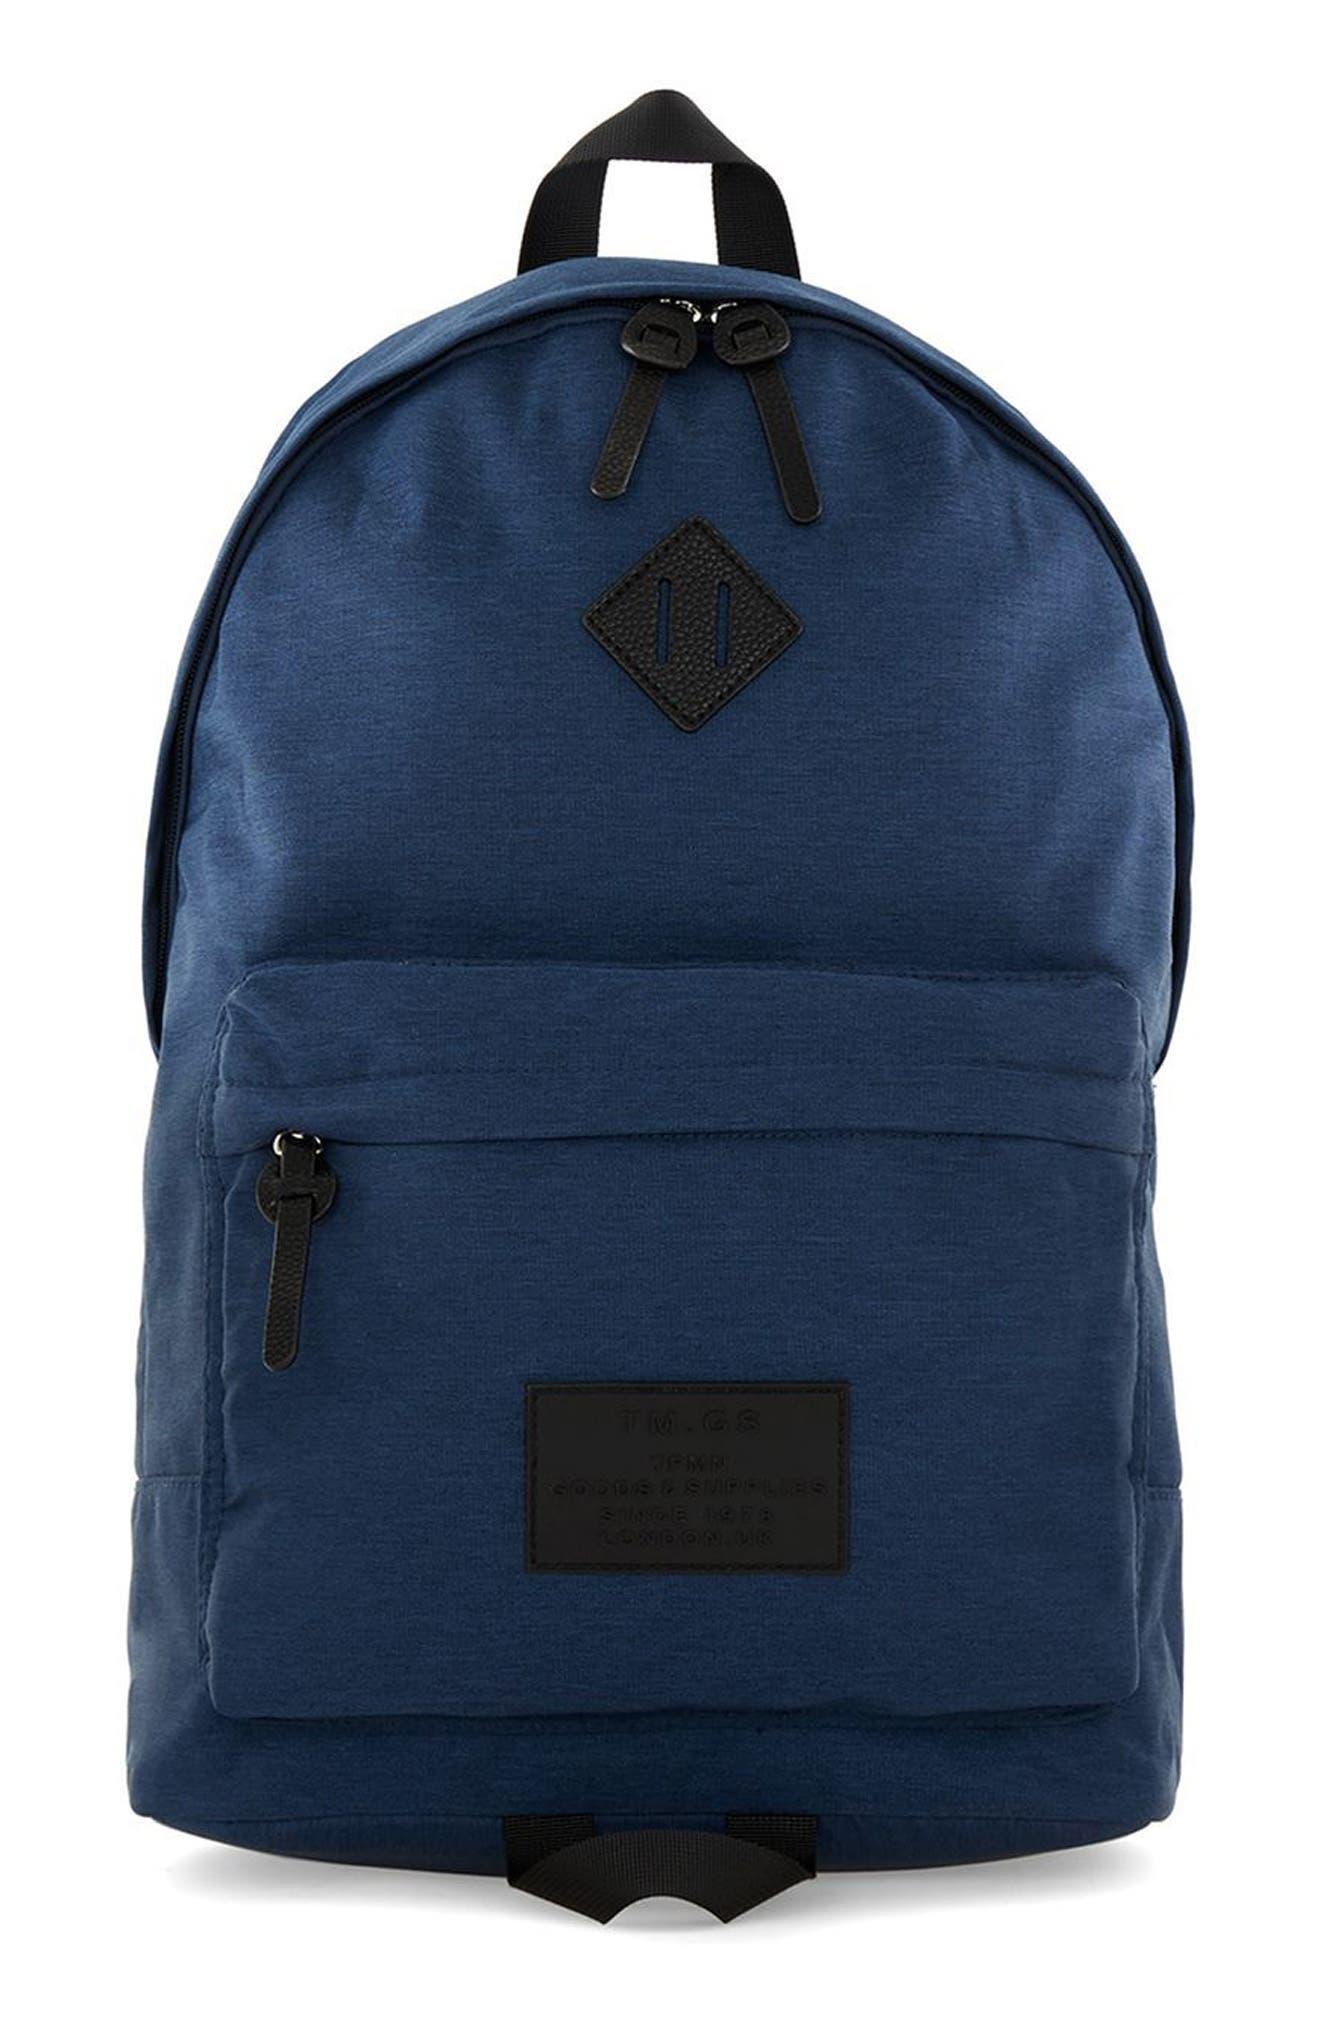 Topman Ripstop Backpack